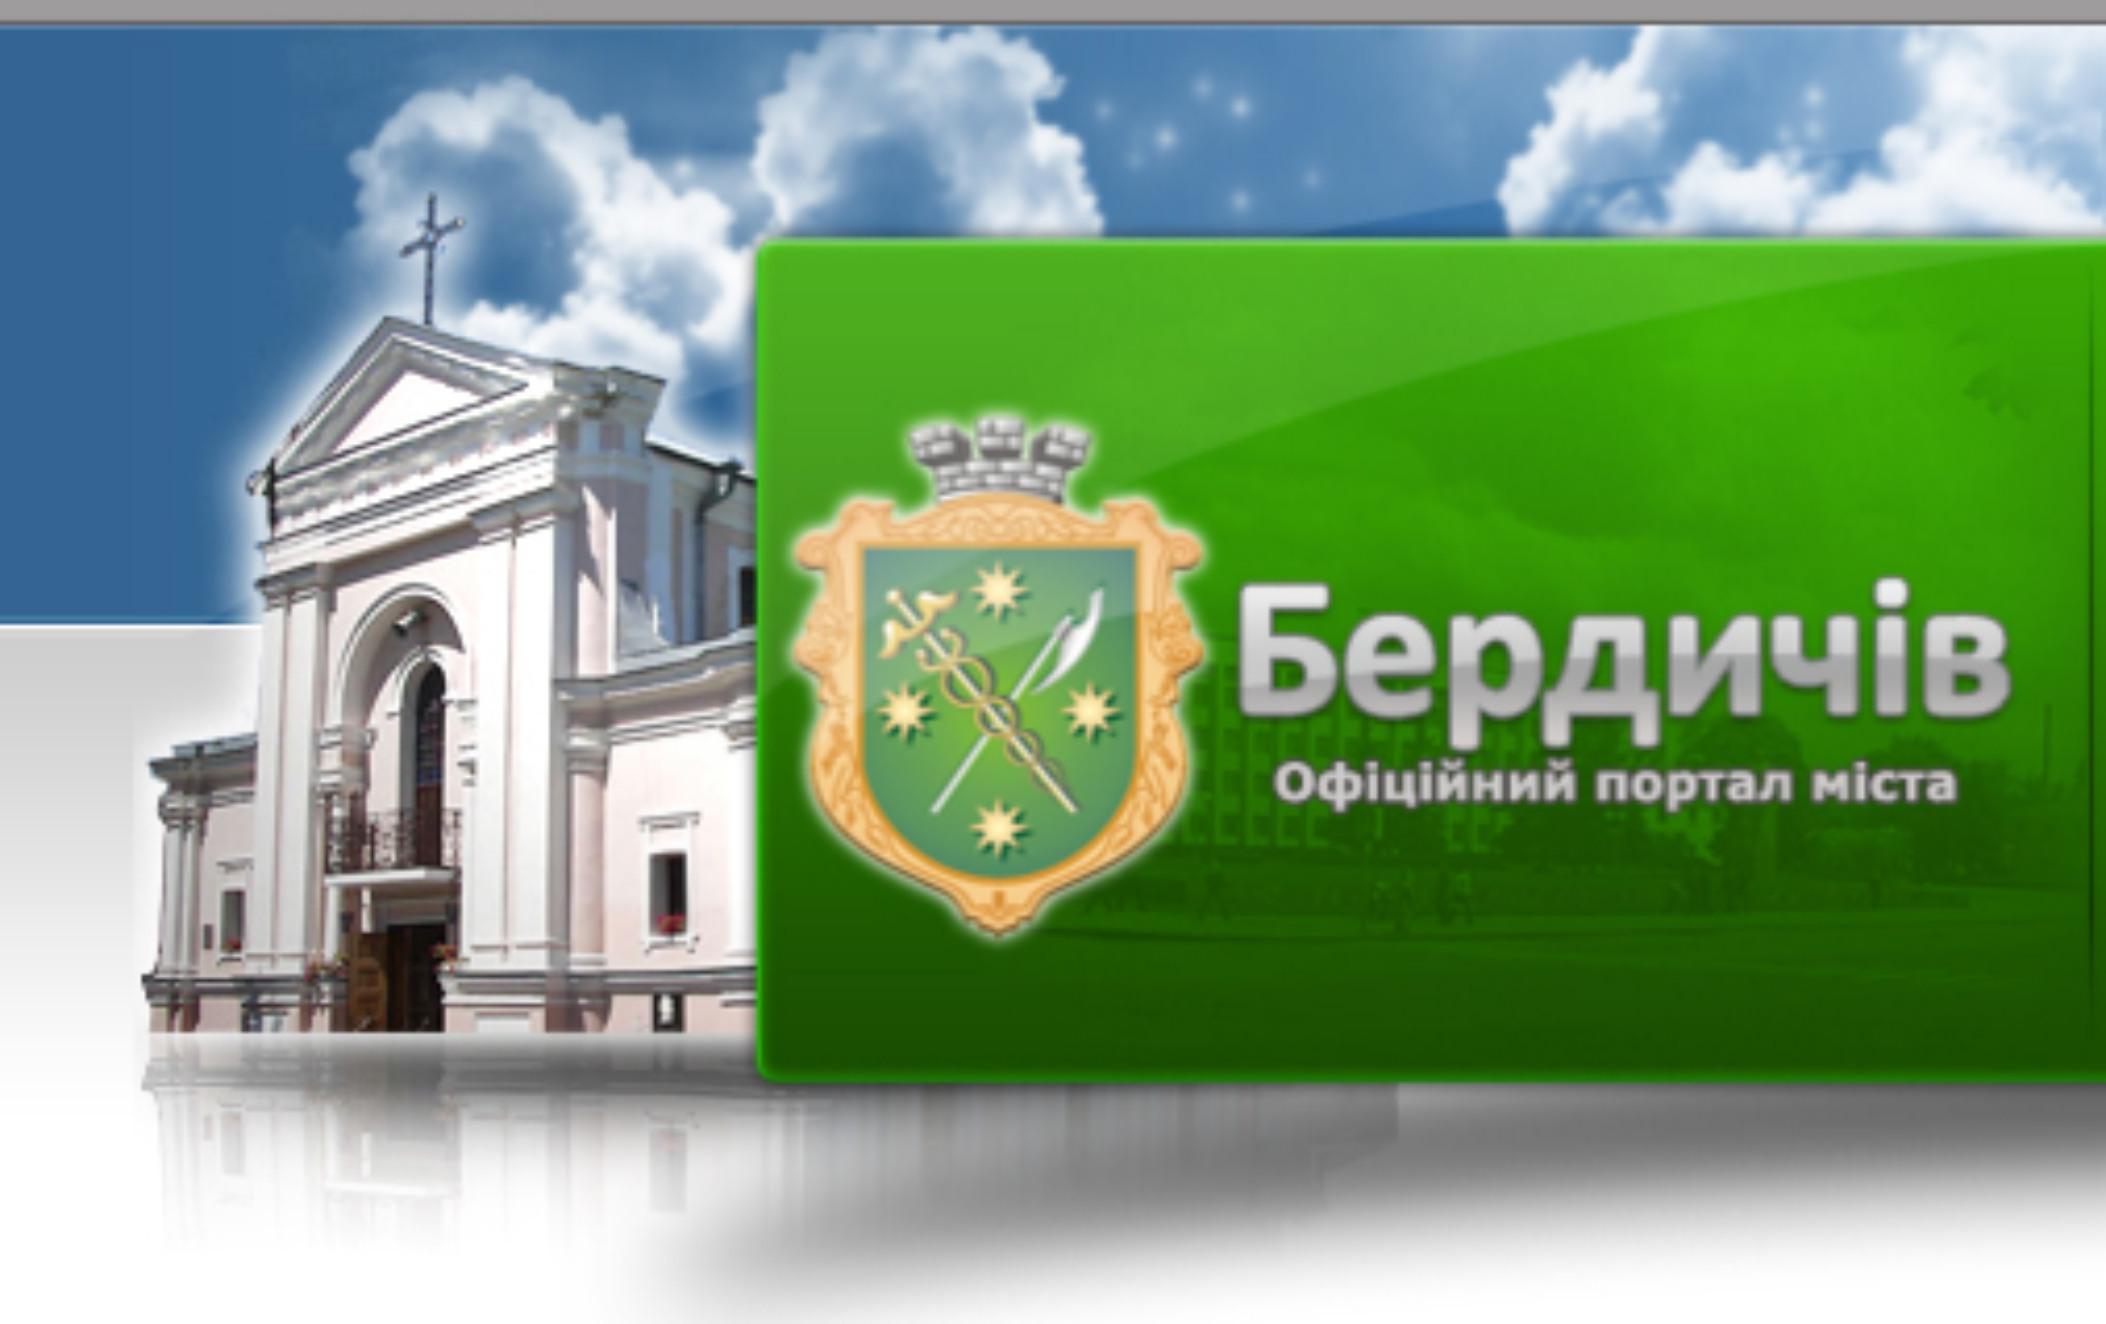 27 квітня відбудеться чергова сесія Бердичівської міської ради ПОРЯДОК ДЕННИЙ